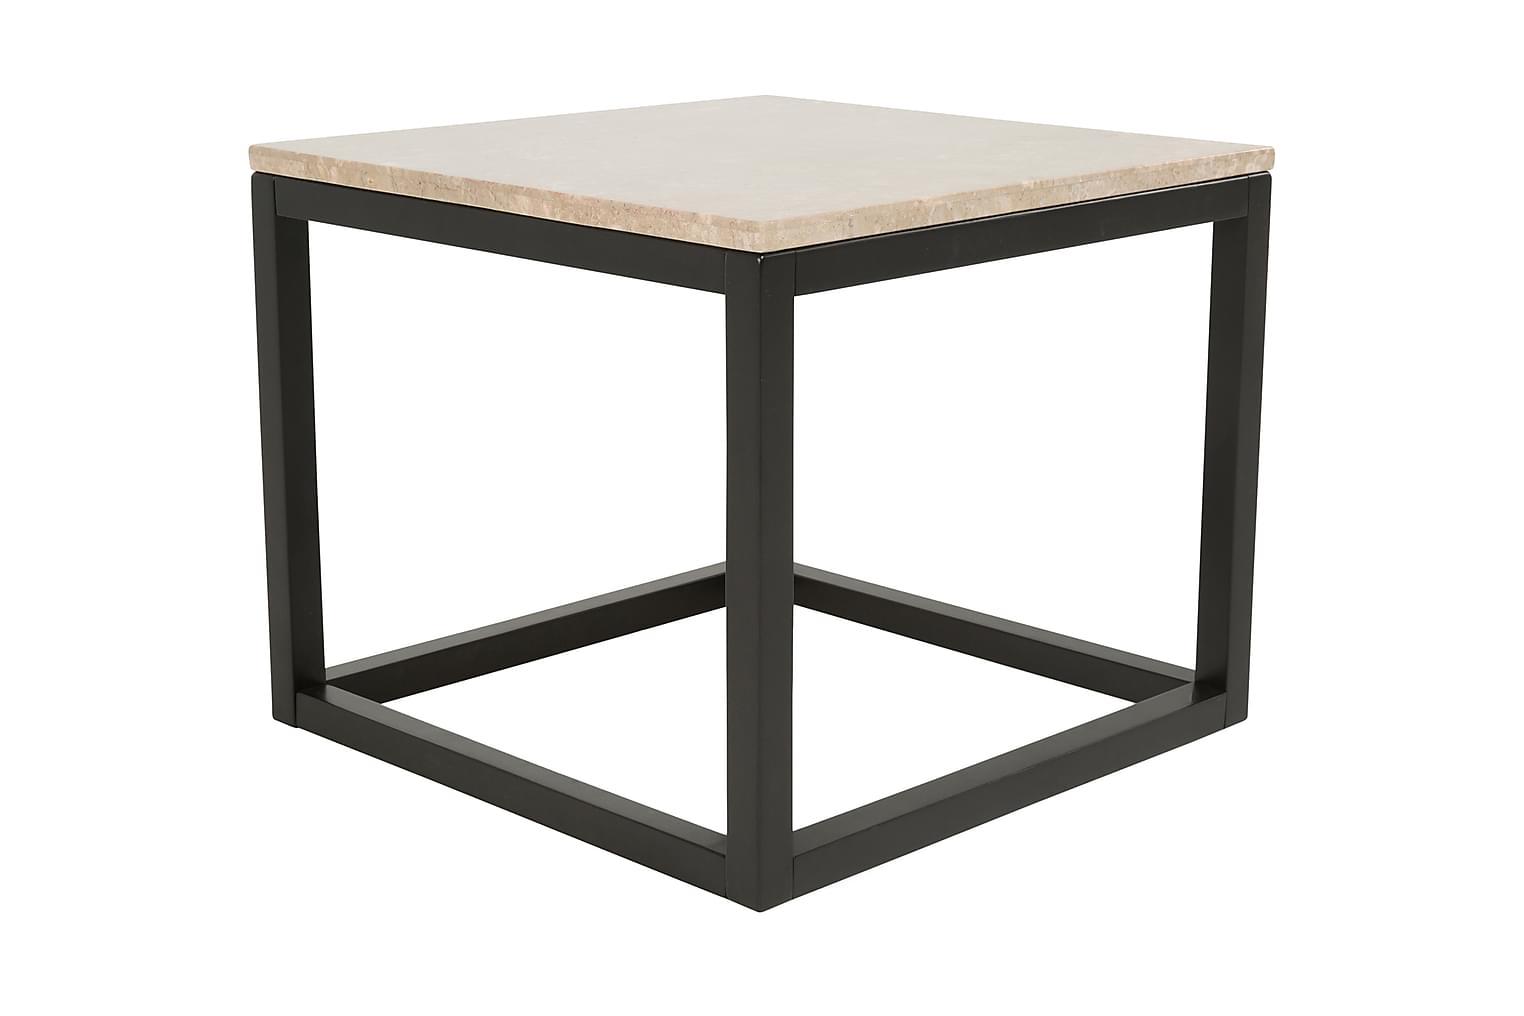 ADELAINE Sivupöytä 60 Hiekka/Musta